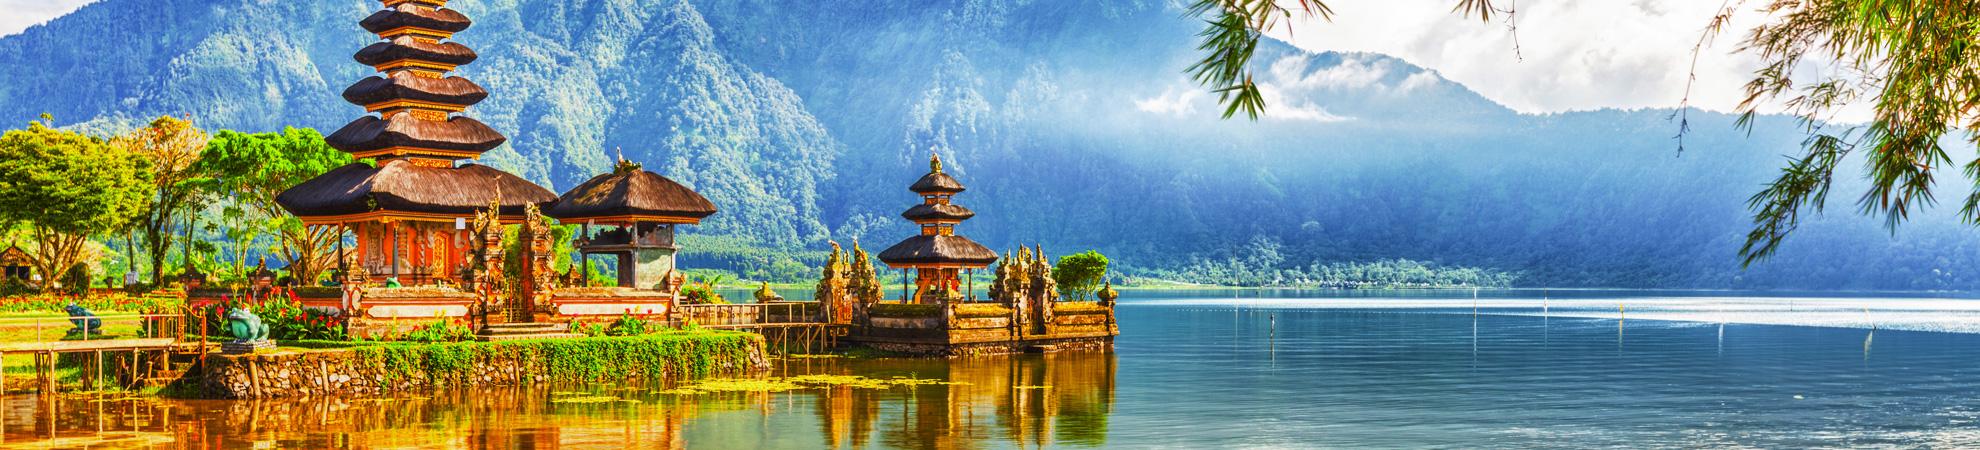 Quel guide de voyage choisir pour son circuit à Bali